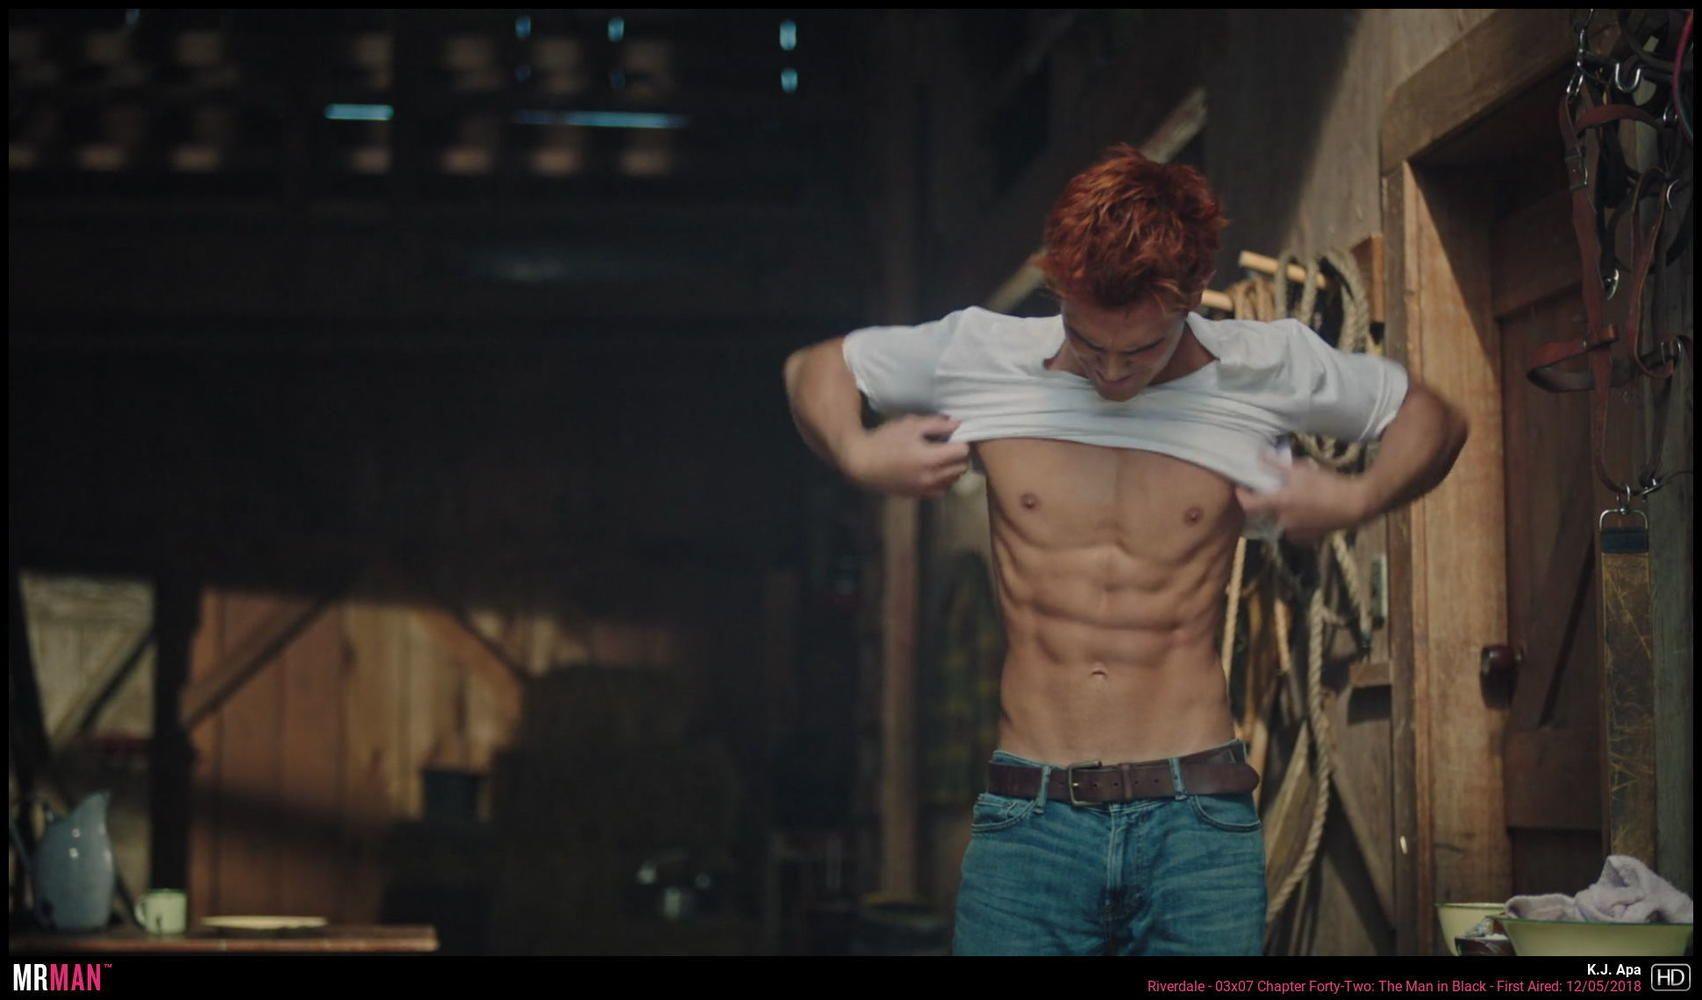 Alexis_Superfans Shirtless Male Celebs: KJ Apa Various